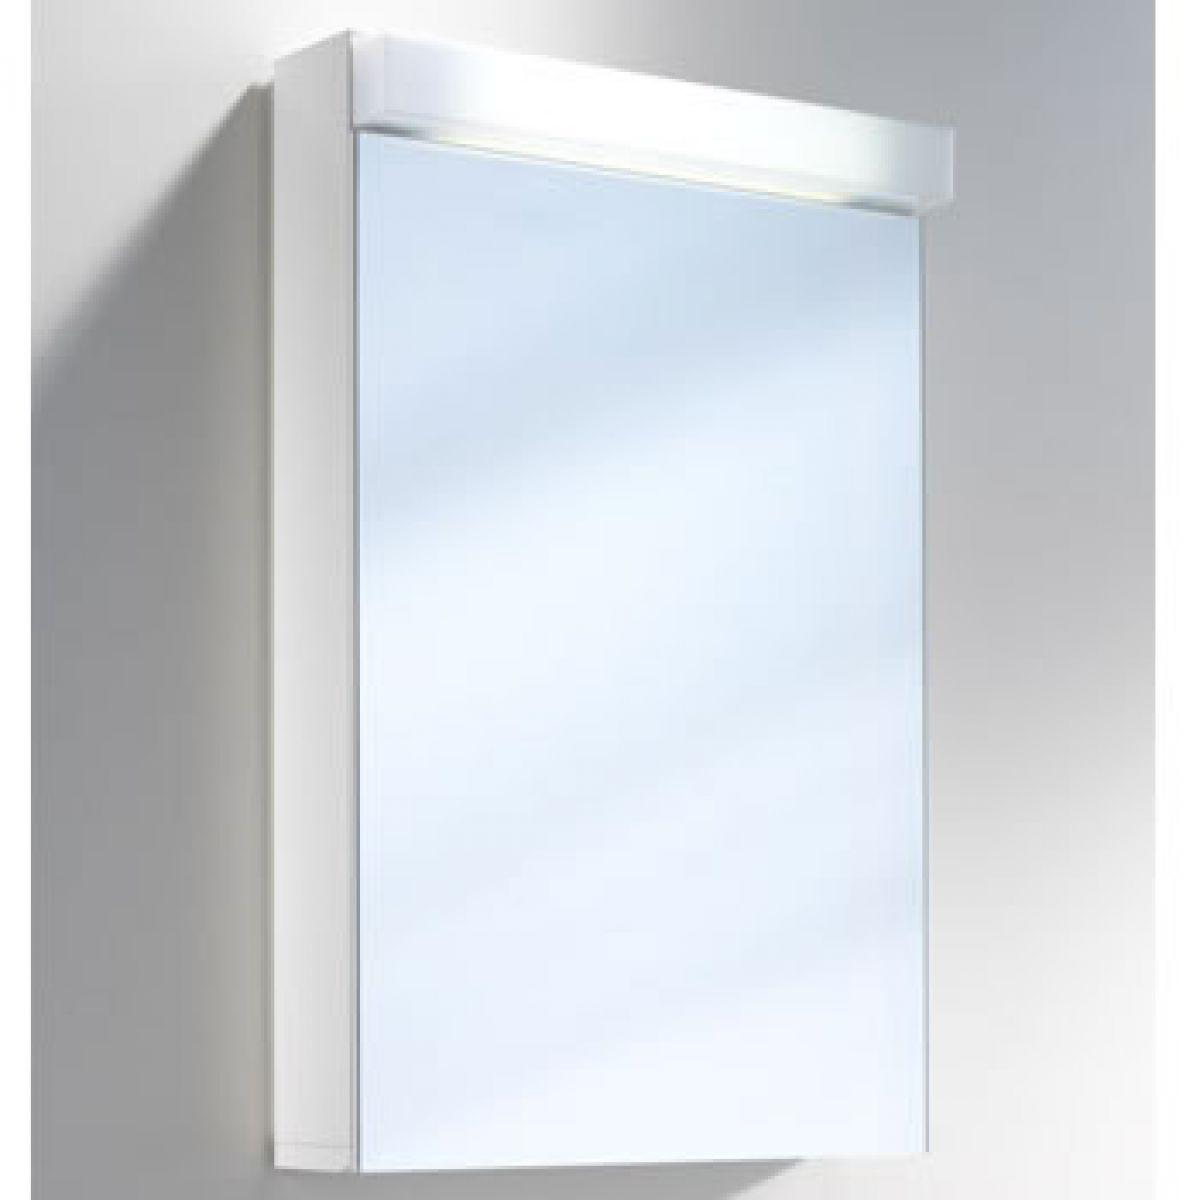 Schneider Lowline 1 Door Mirror Cabinet With Fluorescent Light